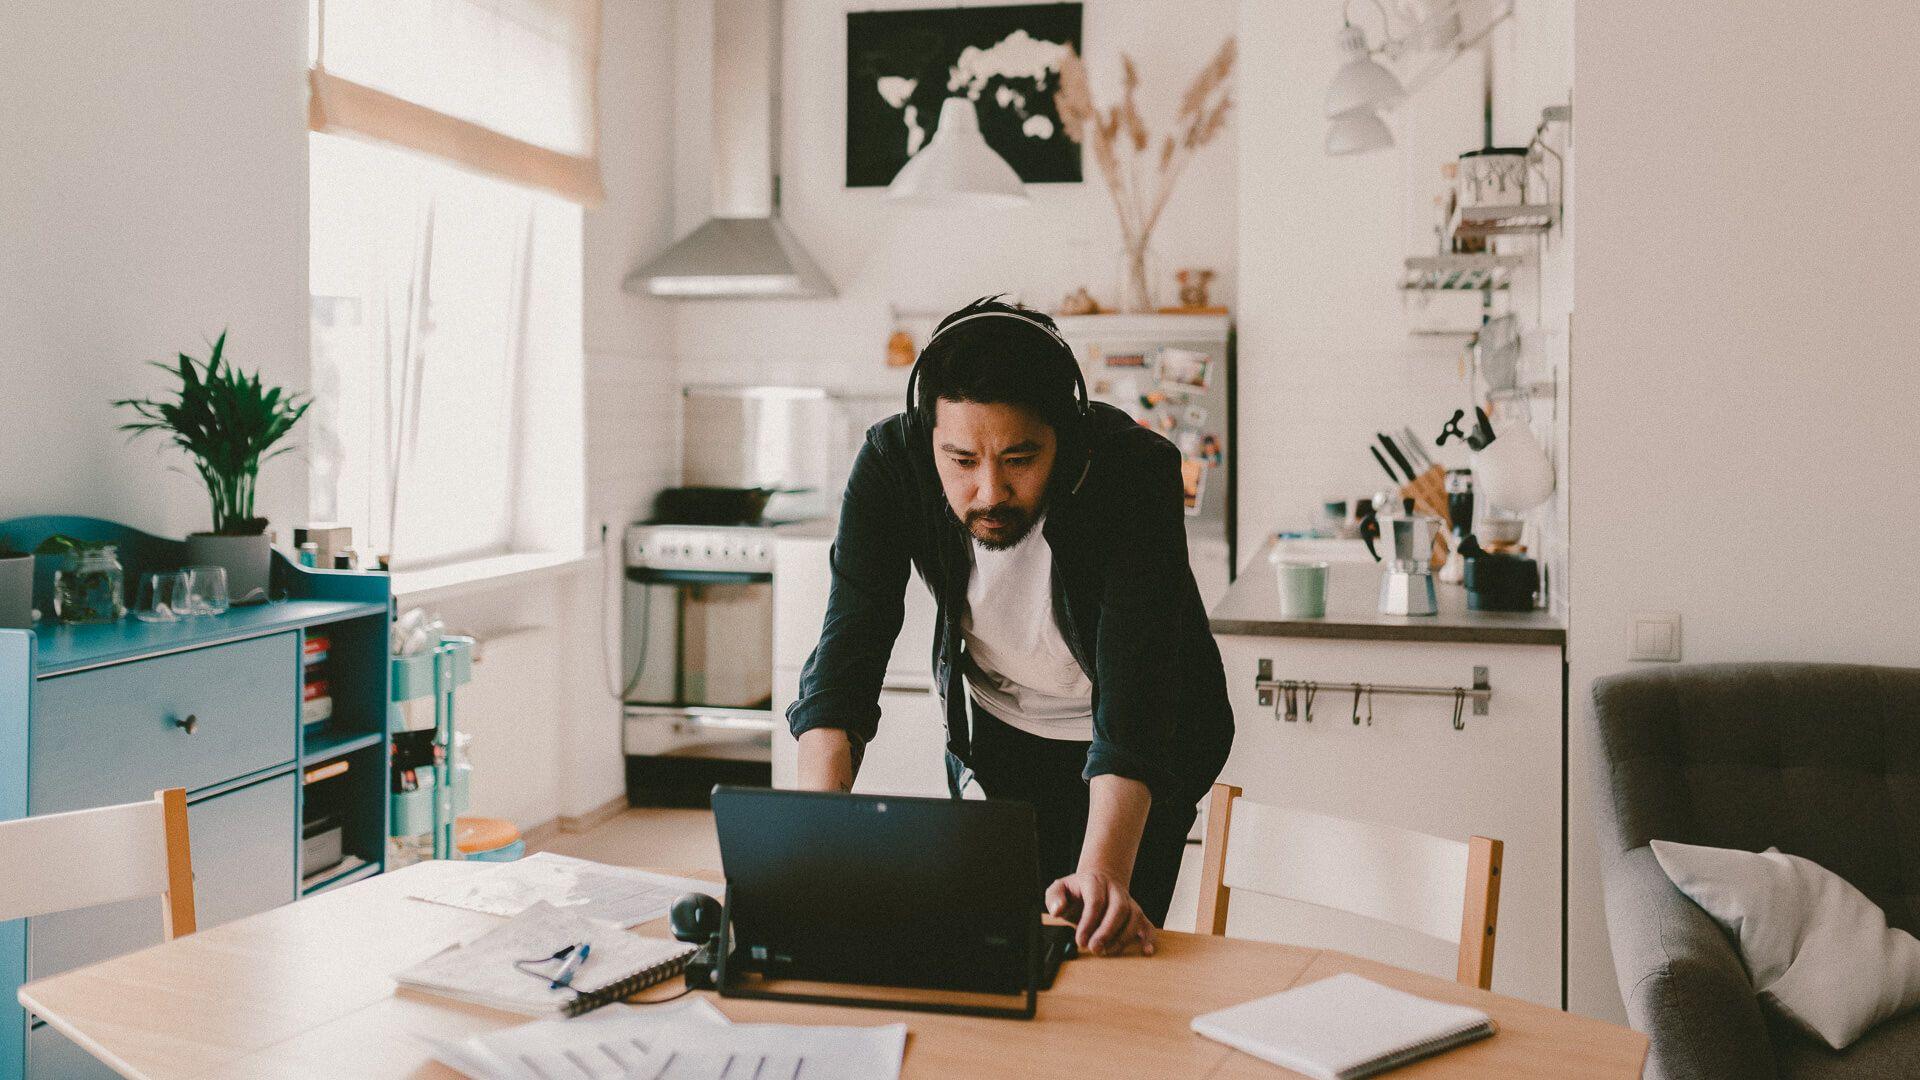 man checking laptop at table